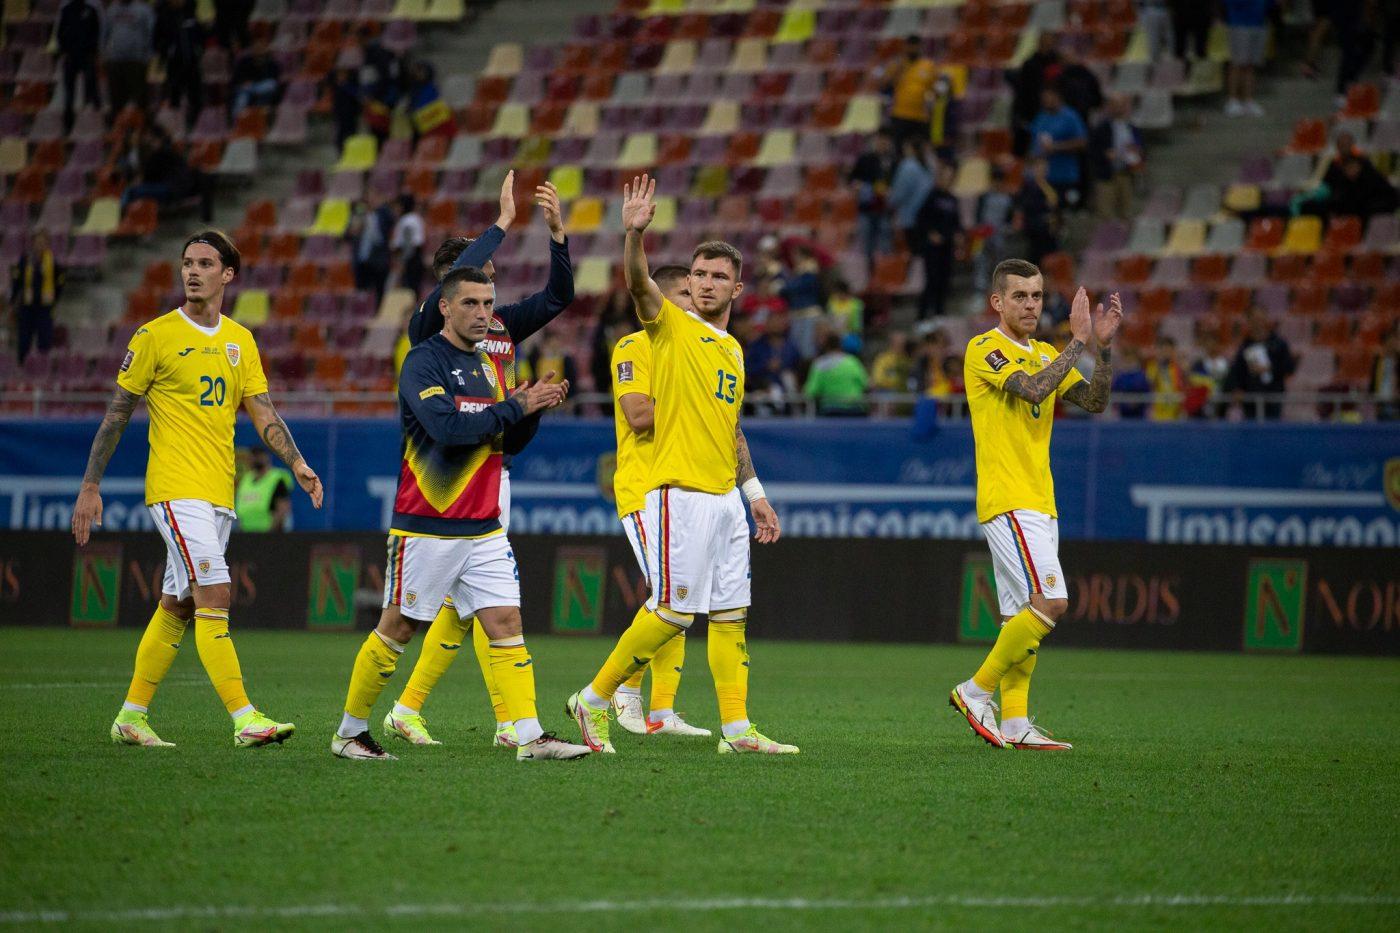 Jucătorii echipei naționale a României îi aplaudă pe fanii prezenți pe Arena Națională la meciul jucat împotriva lui Liechtenstein